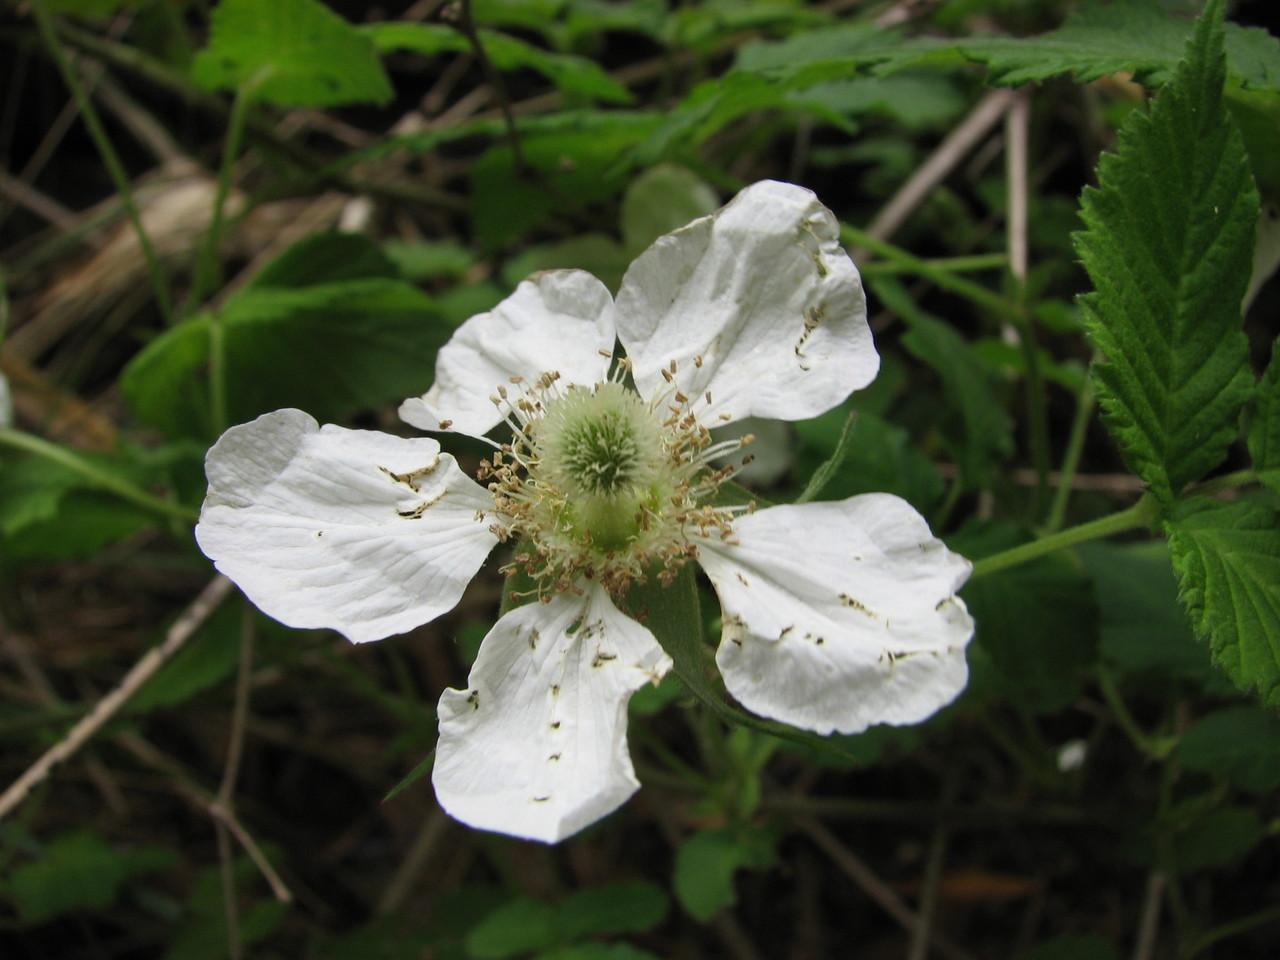 クサイチゴ(バラ科) Rubus hirsutus